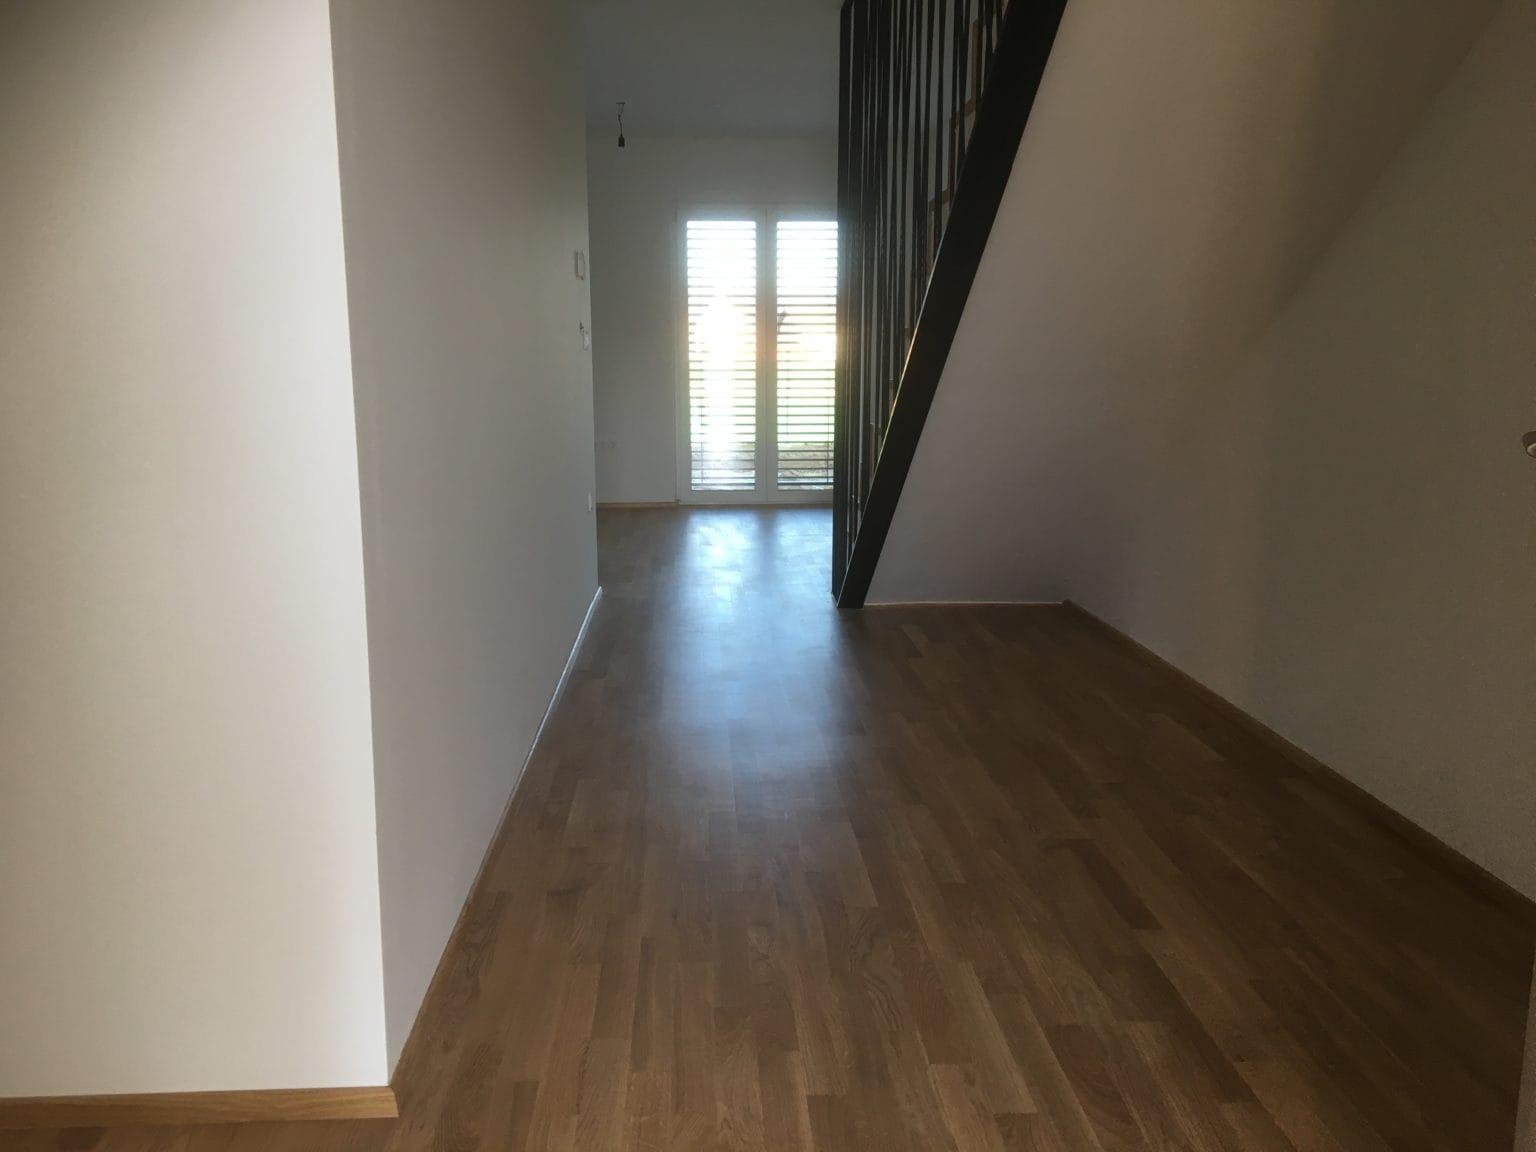 Soseska Brezje - pogled na hodnik pritličje